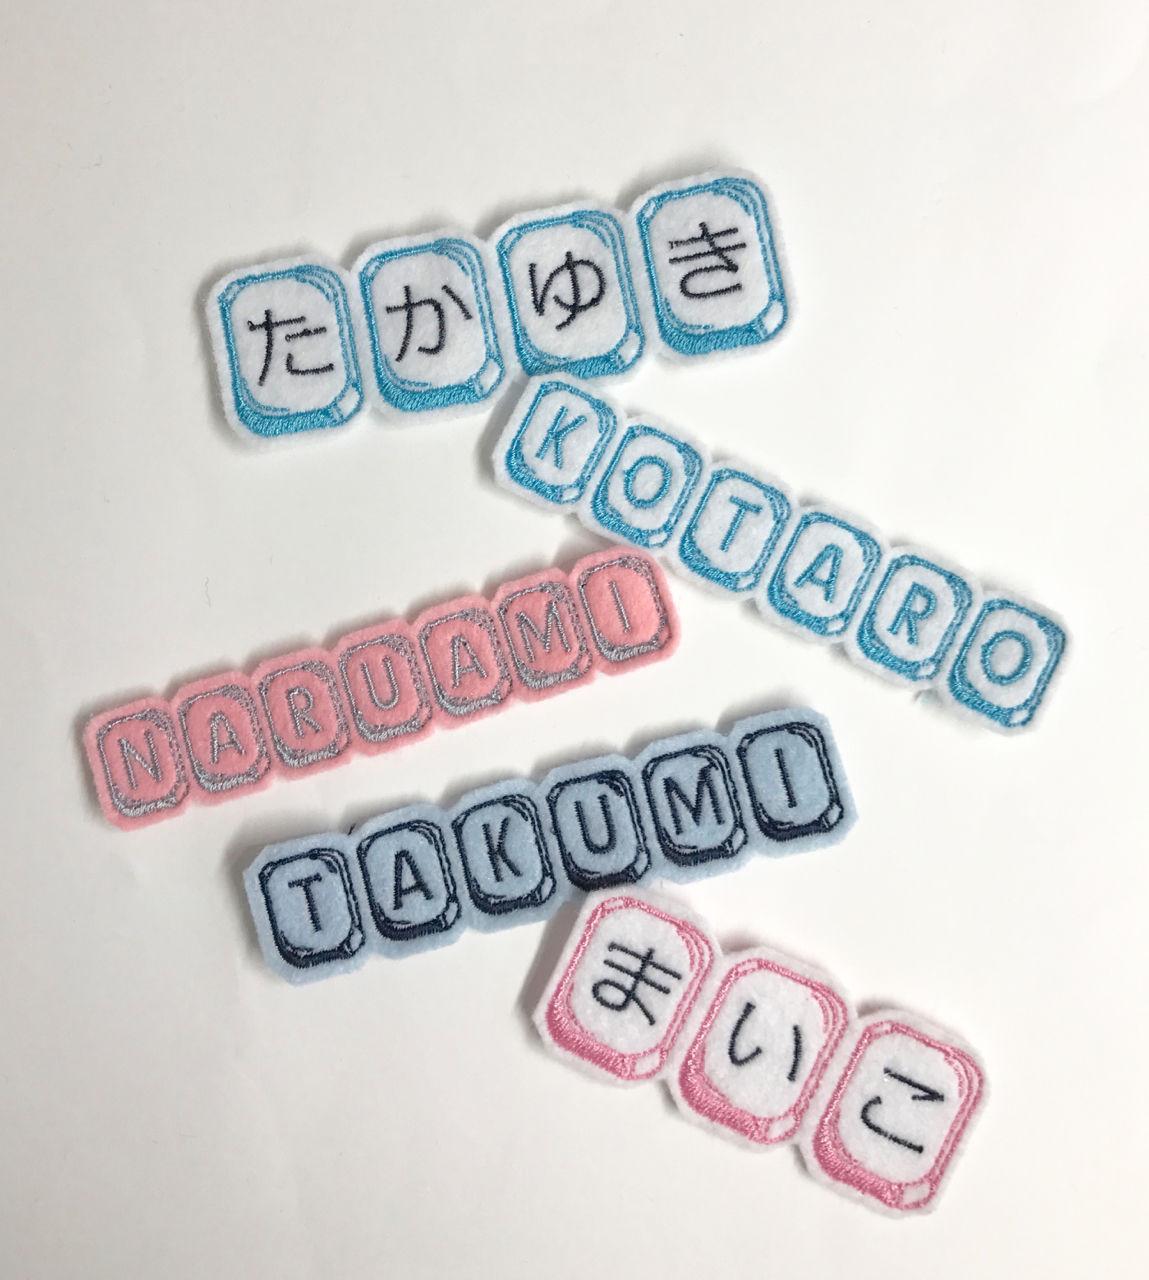 キーボード*お名前刺繍ワッペン*ひらがな/カタカナ/アルファベット*